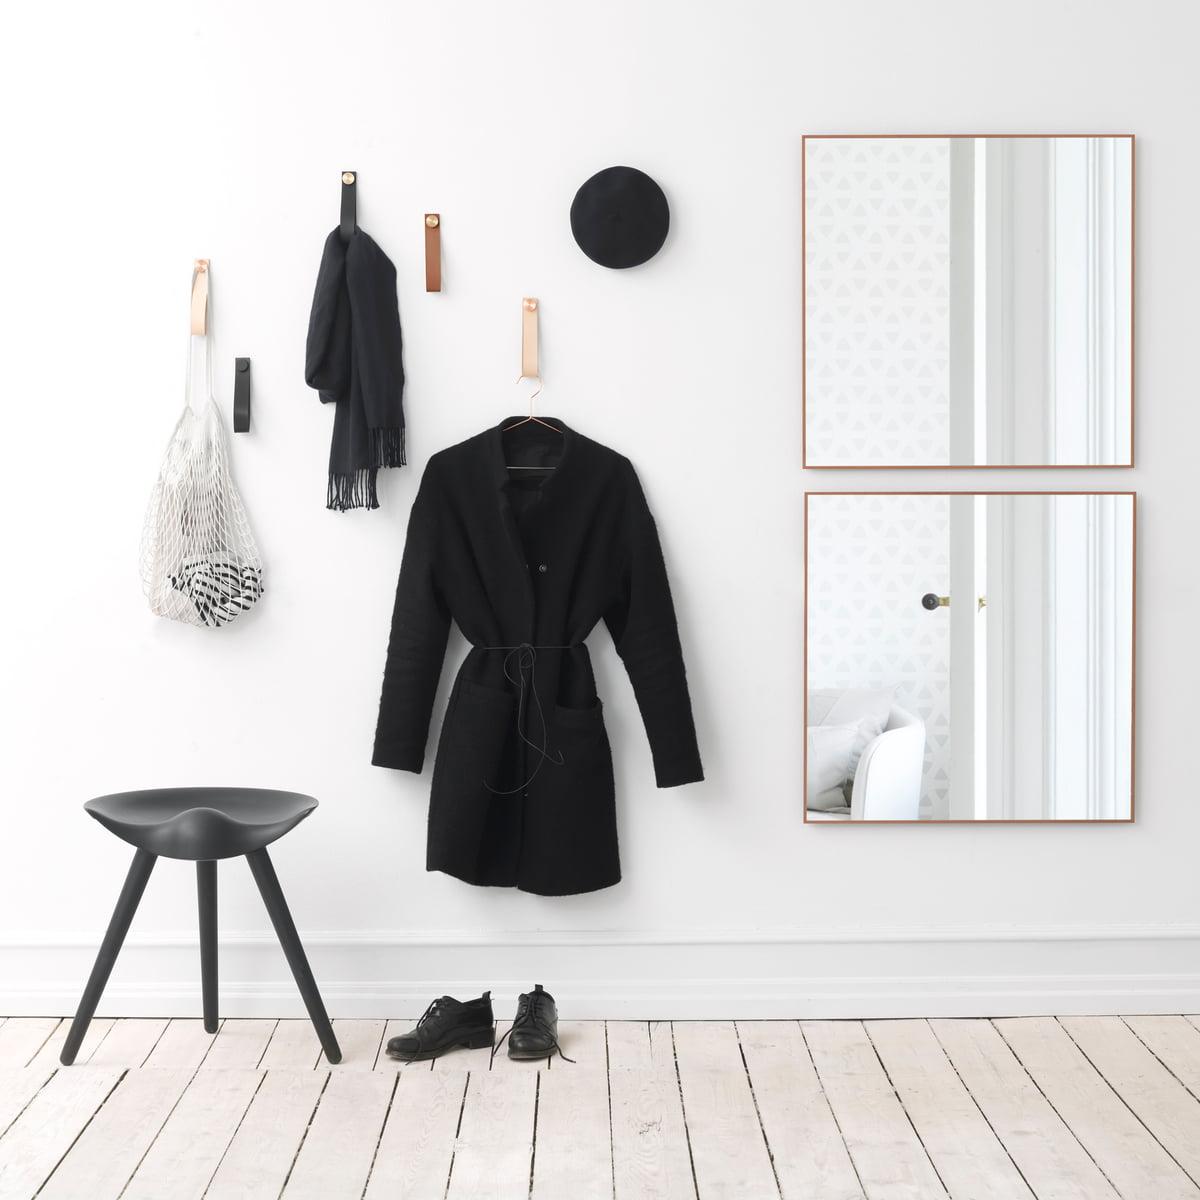 leder wandhaken von by lassen jetzt im shop. Black Bedroom Furniture Sets. Home Design Ideas